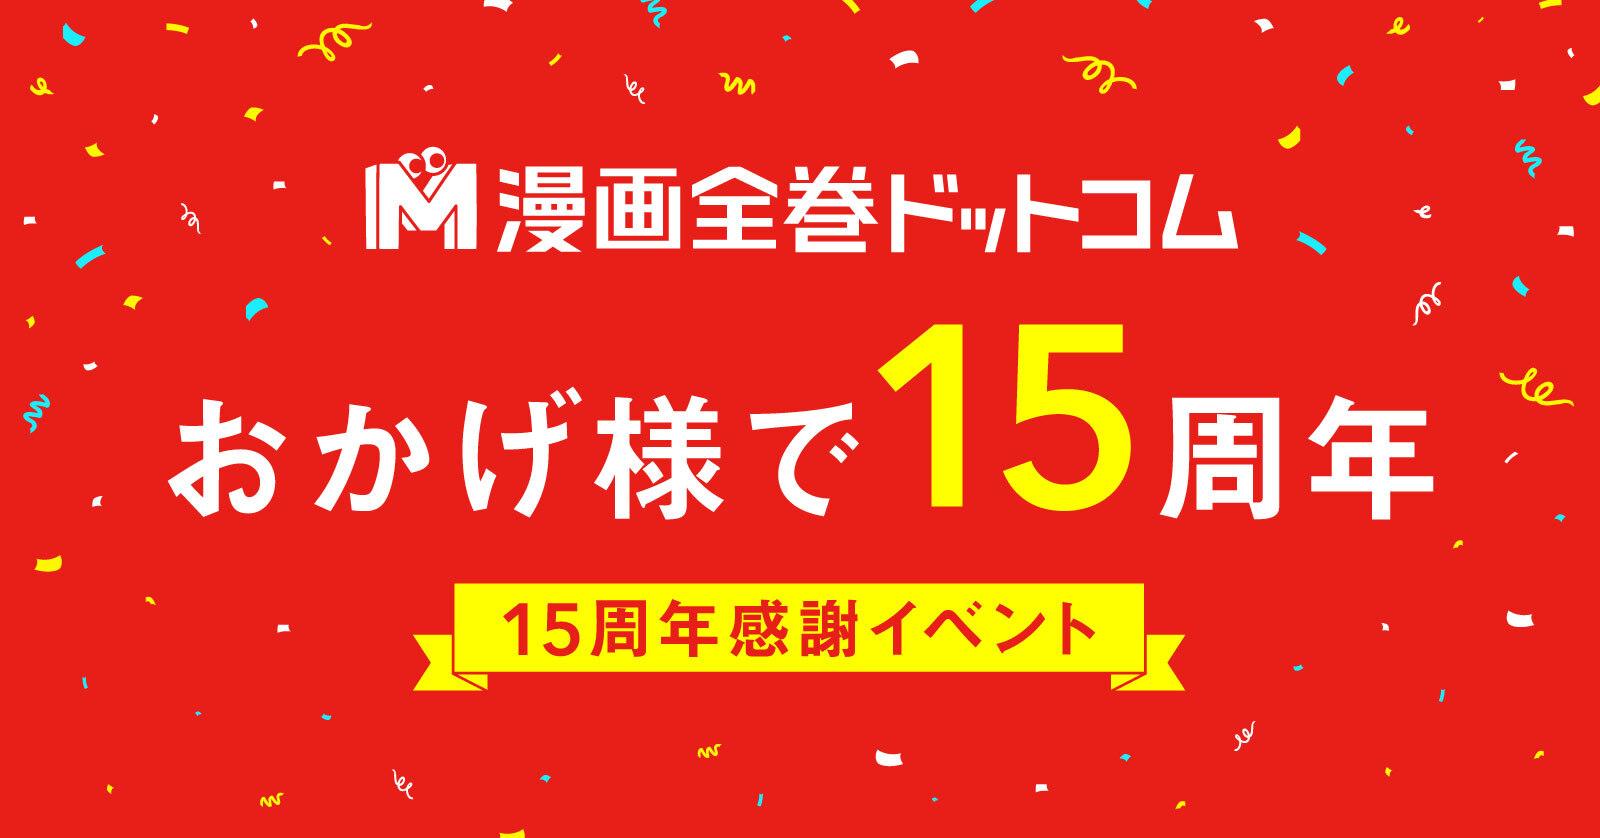 漫画全巻ドットコム 15周年